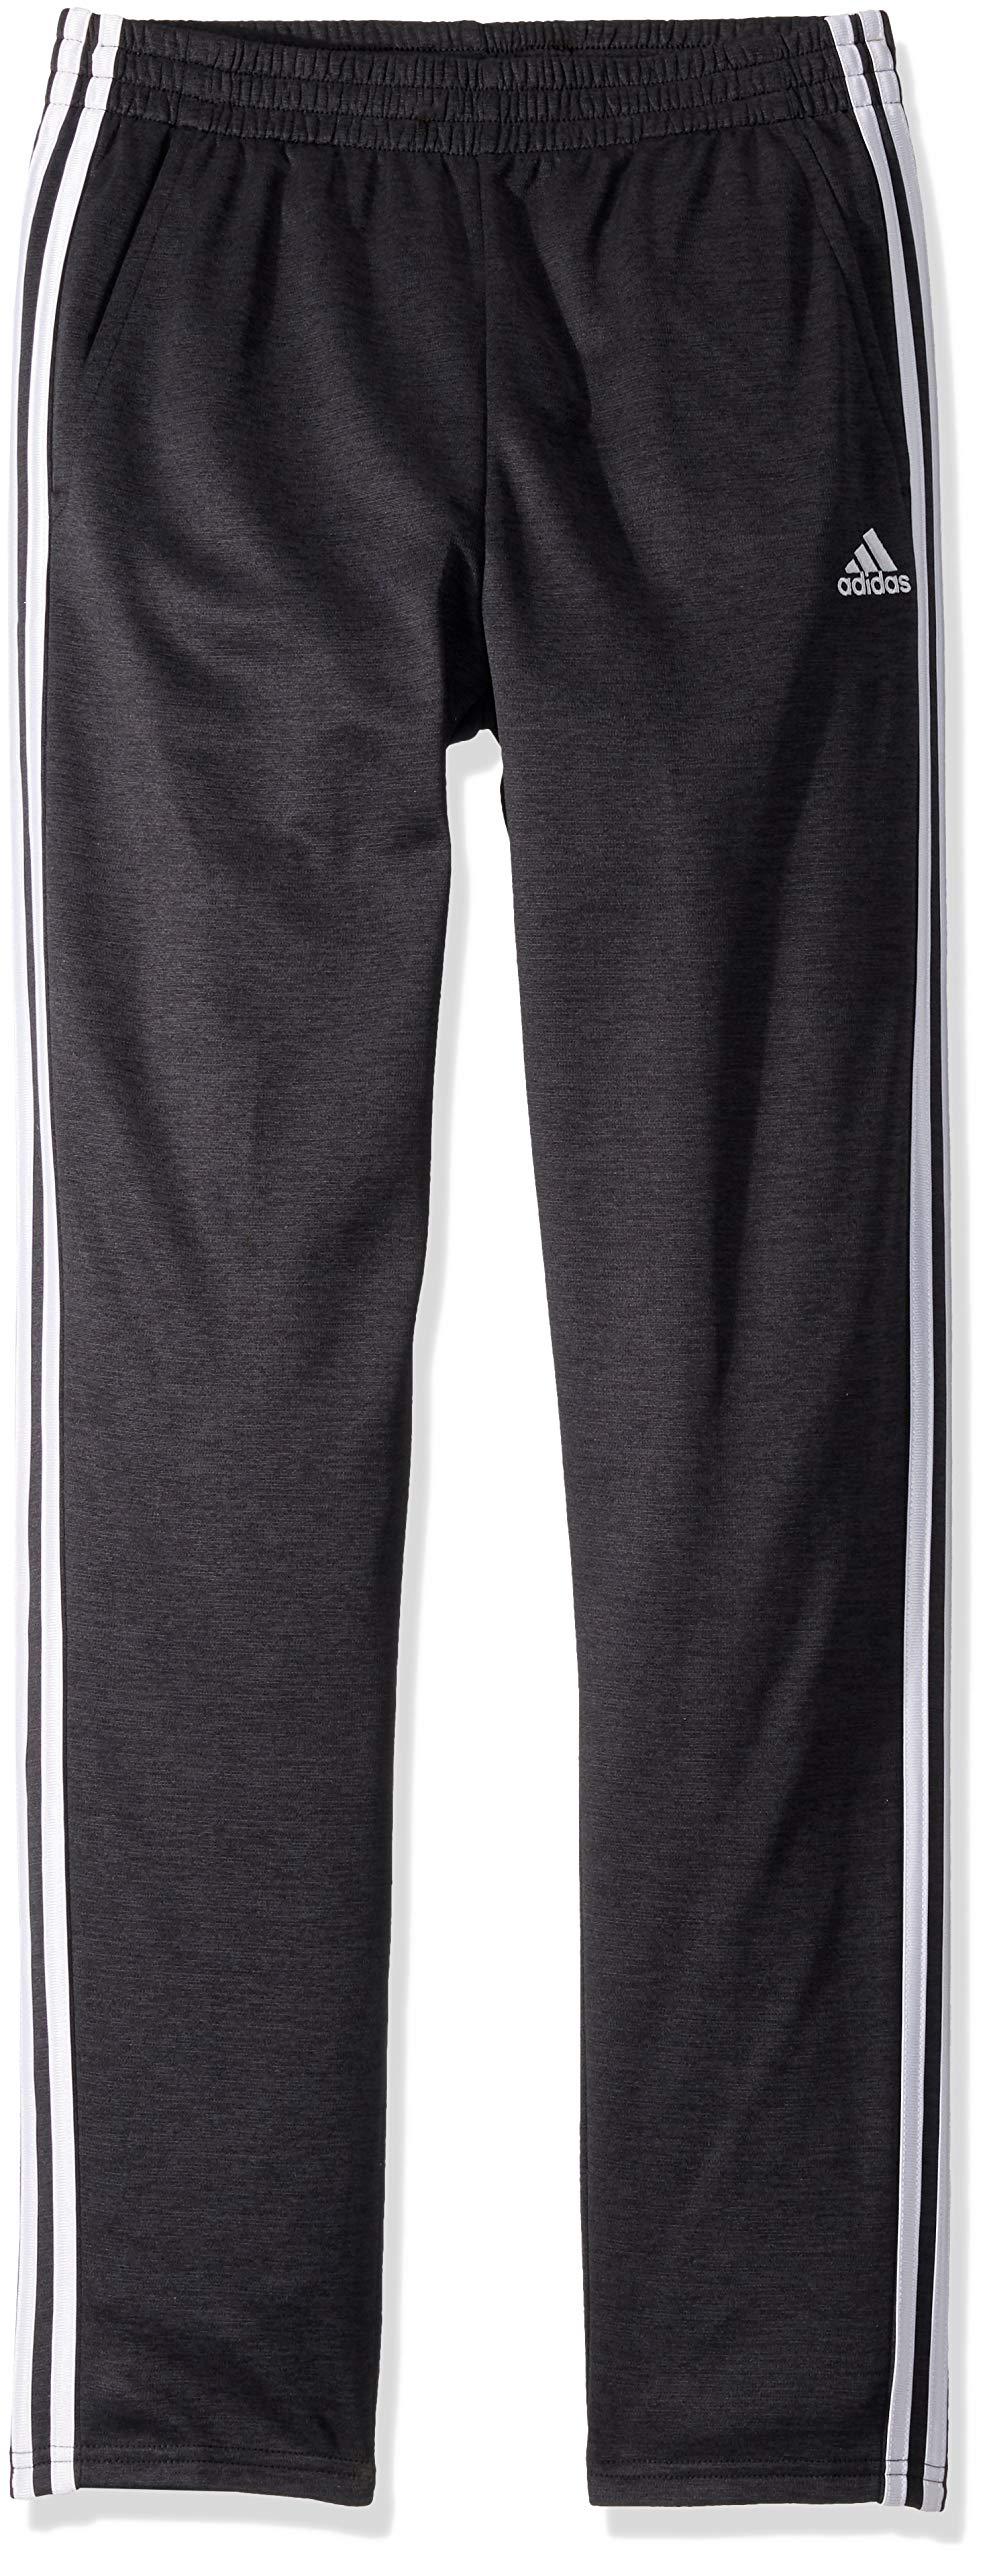 adidas Boys' Big Iconic Indicator Pant, Adi Black Heather, M (10/12) by adidas